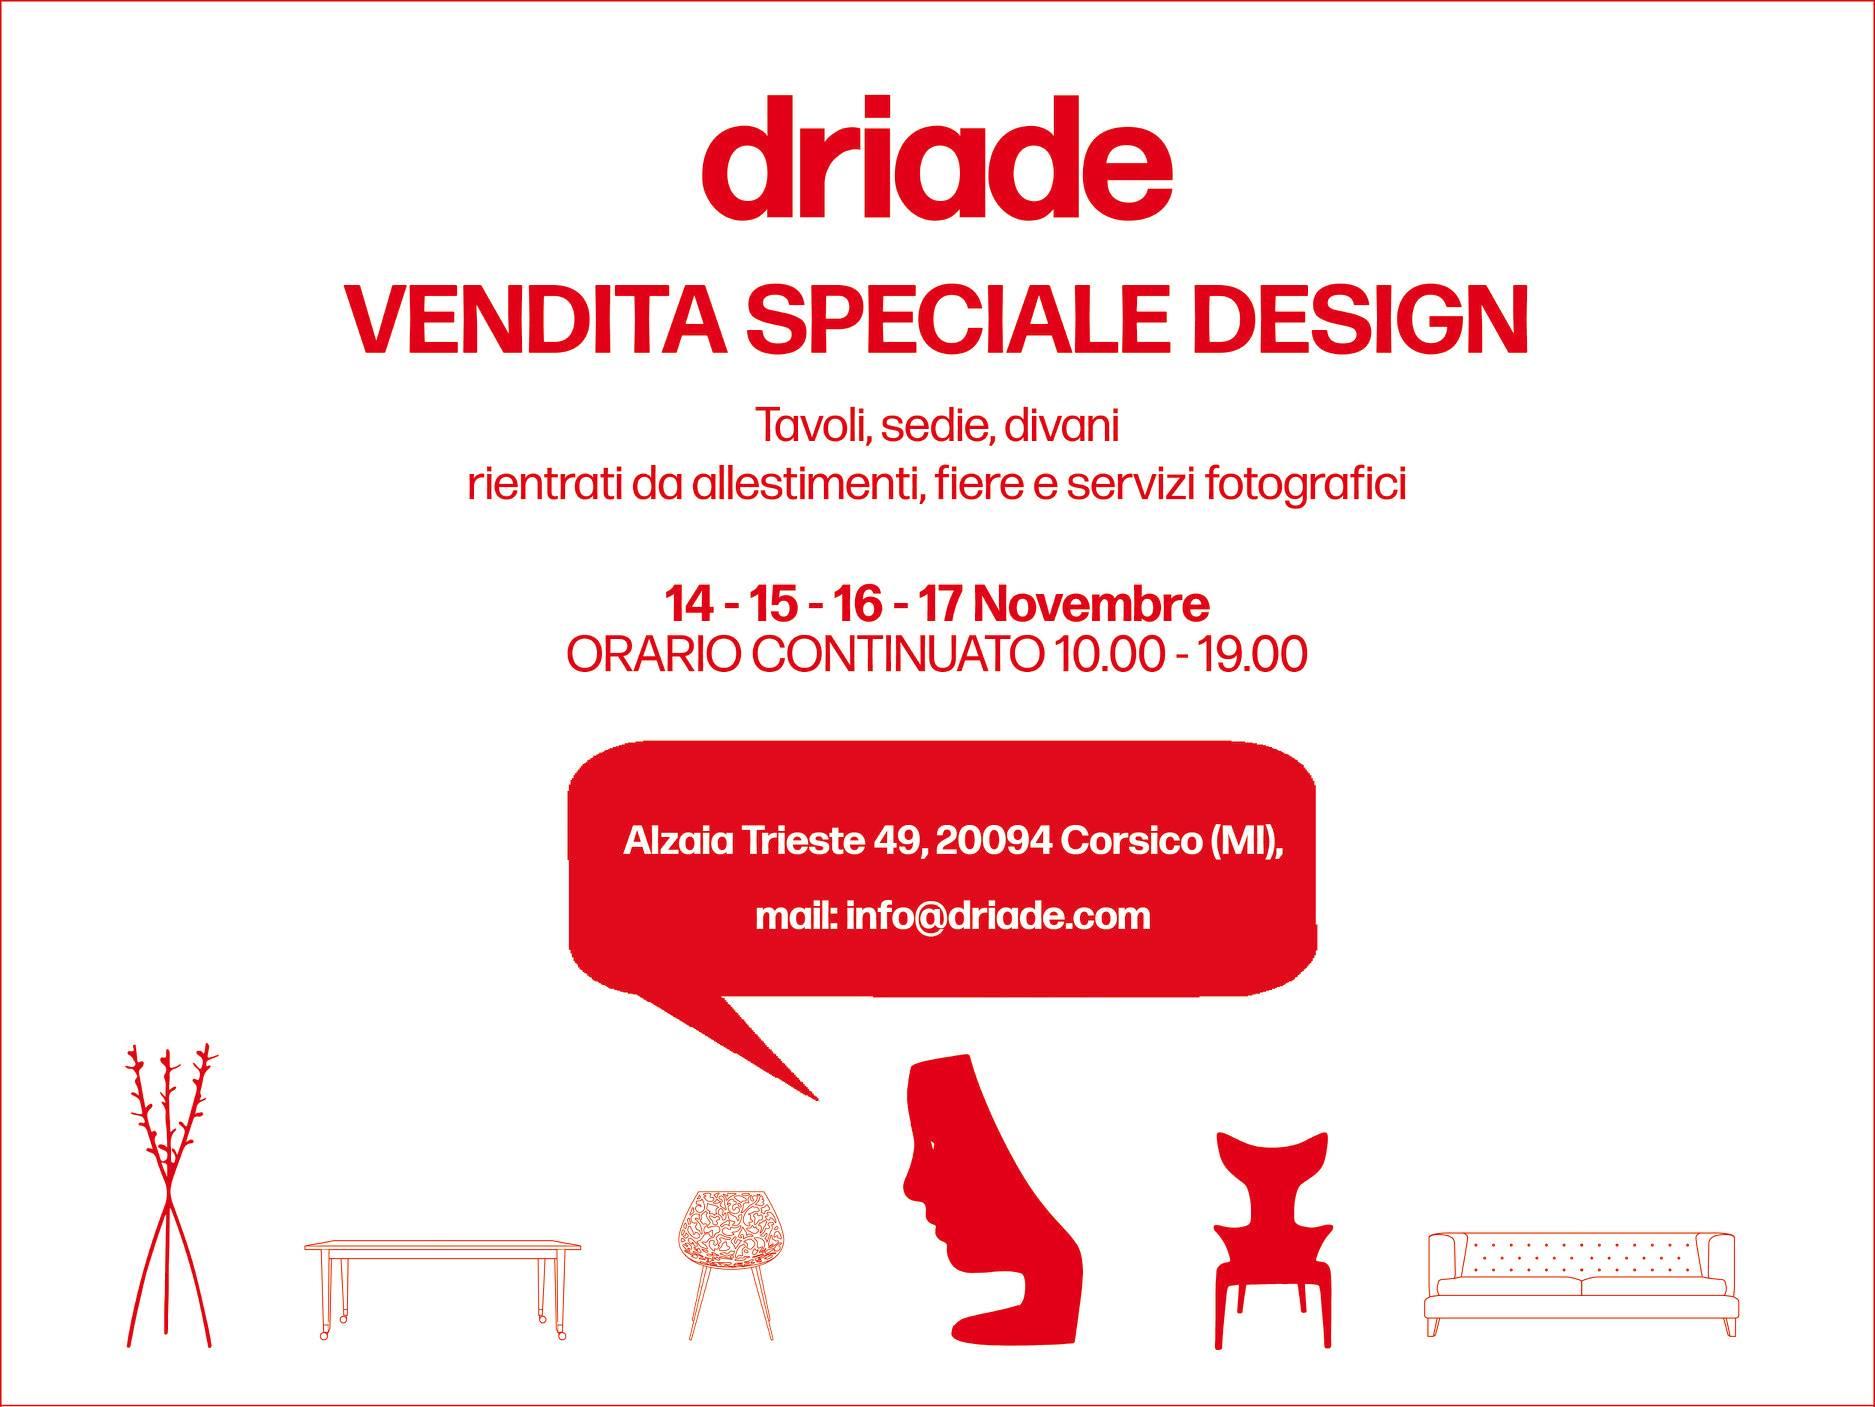 Driade-vendita-promozioanle-2019